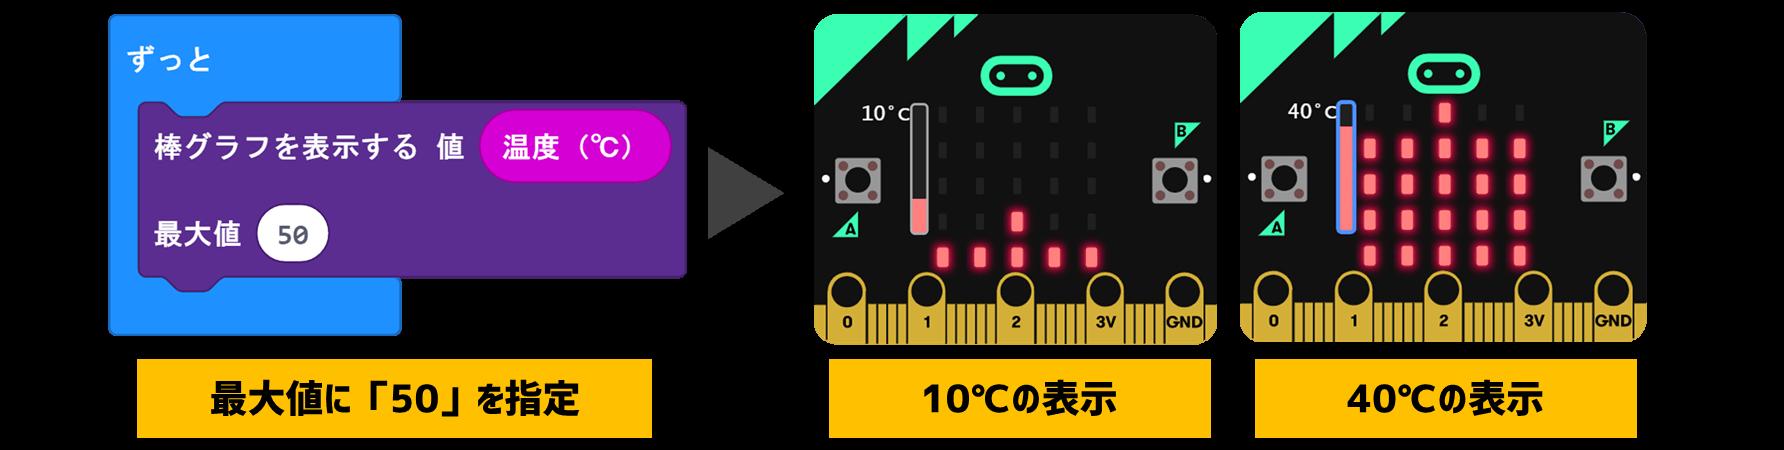 温度の棒グラフ表示